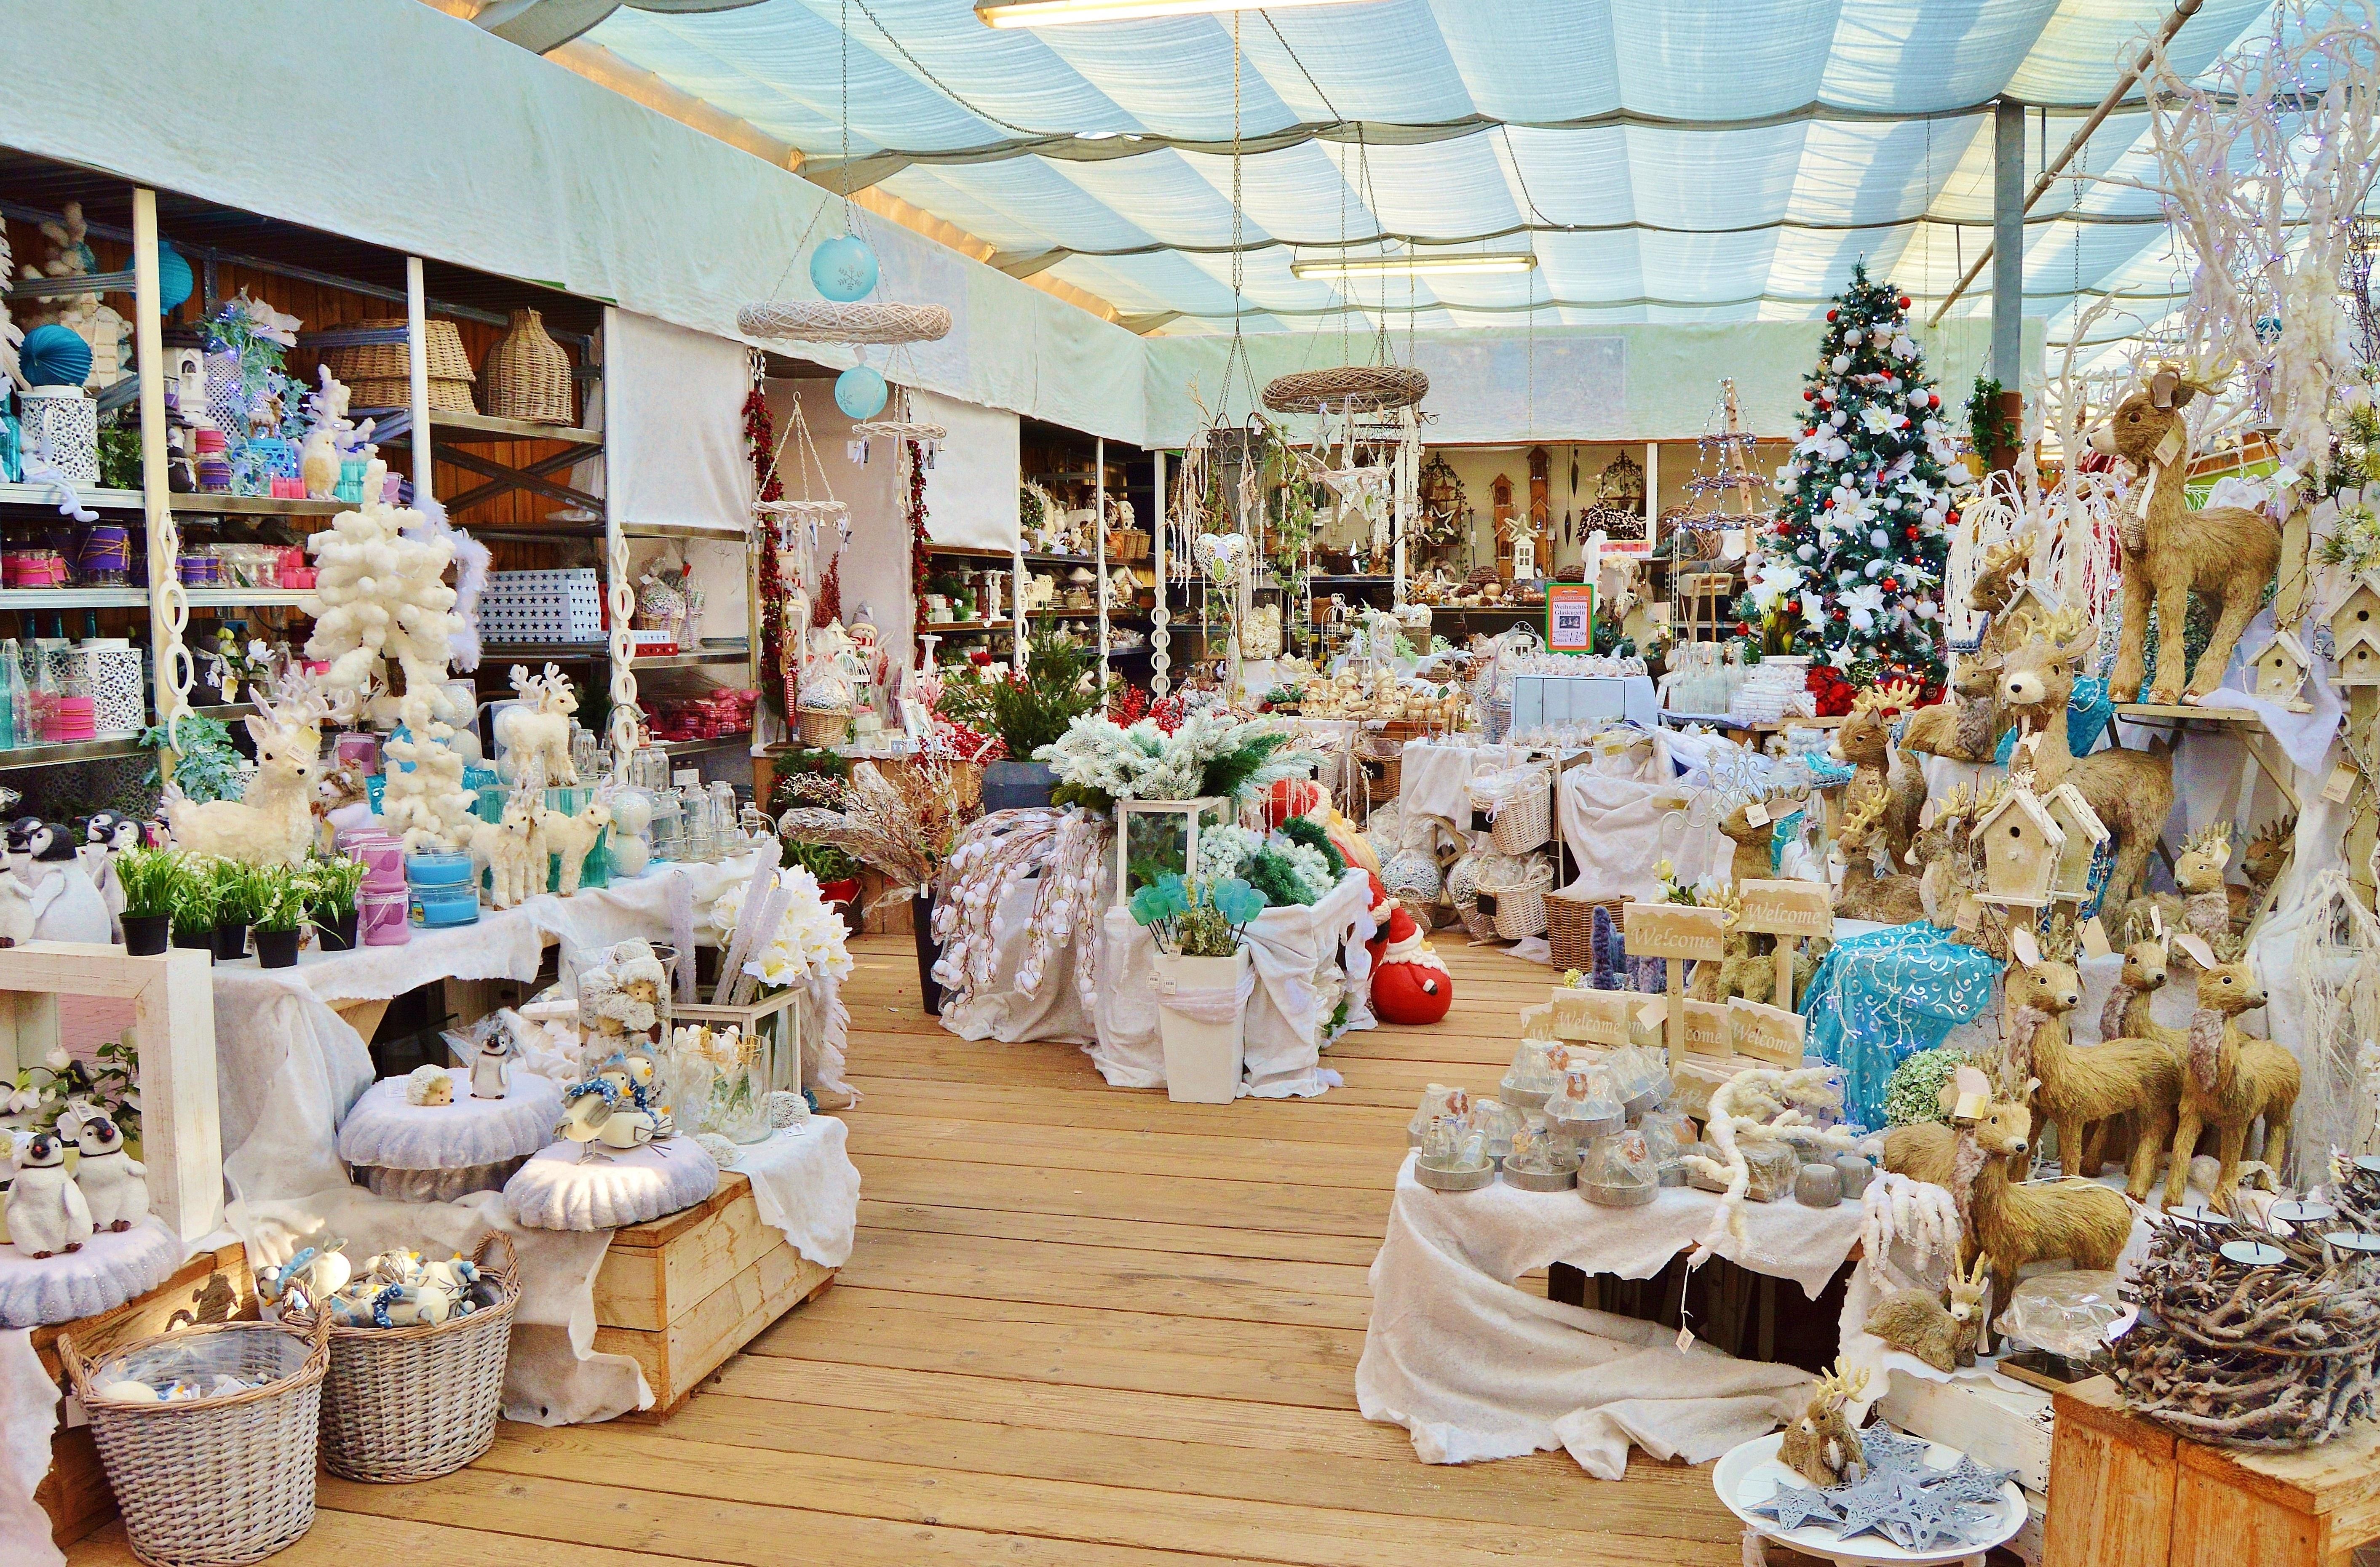 Gratis billeder dekoration m ltid marked markedsplads for Bazar decoracion